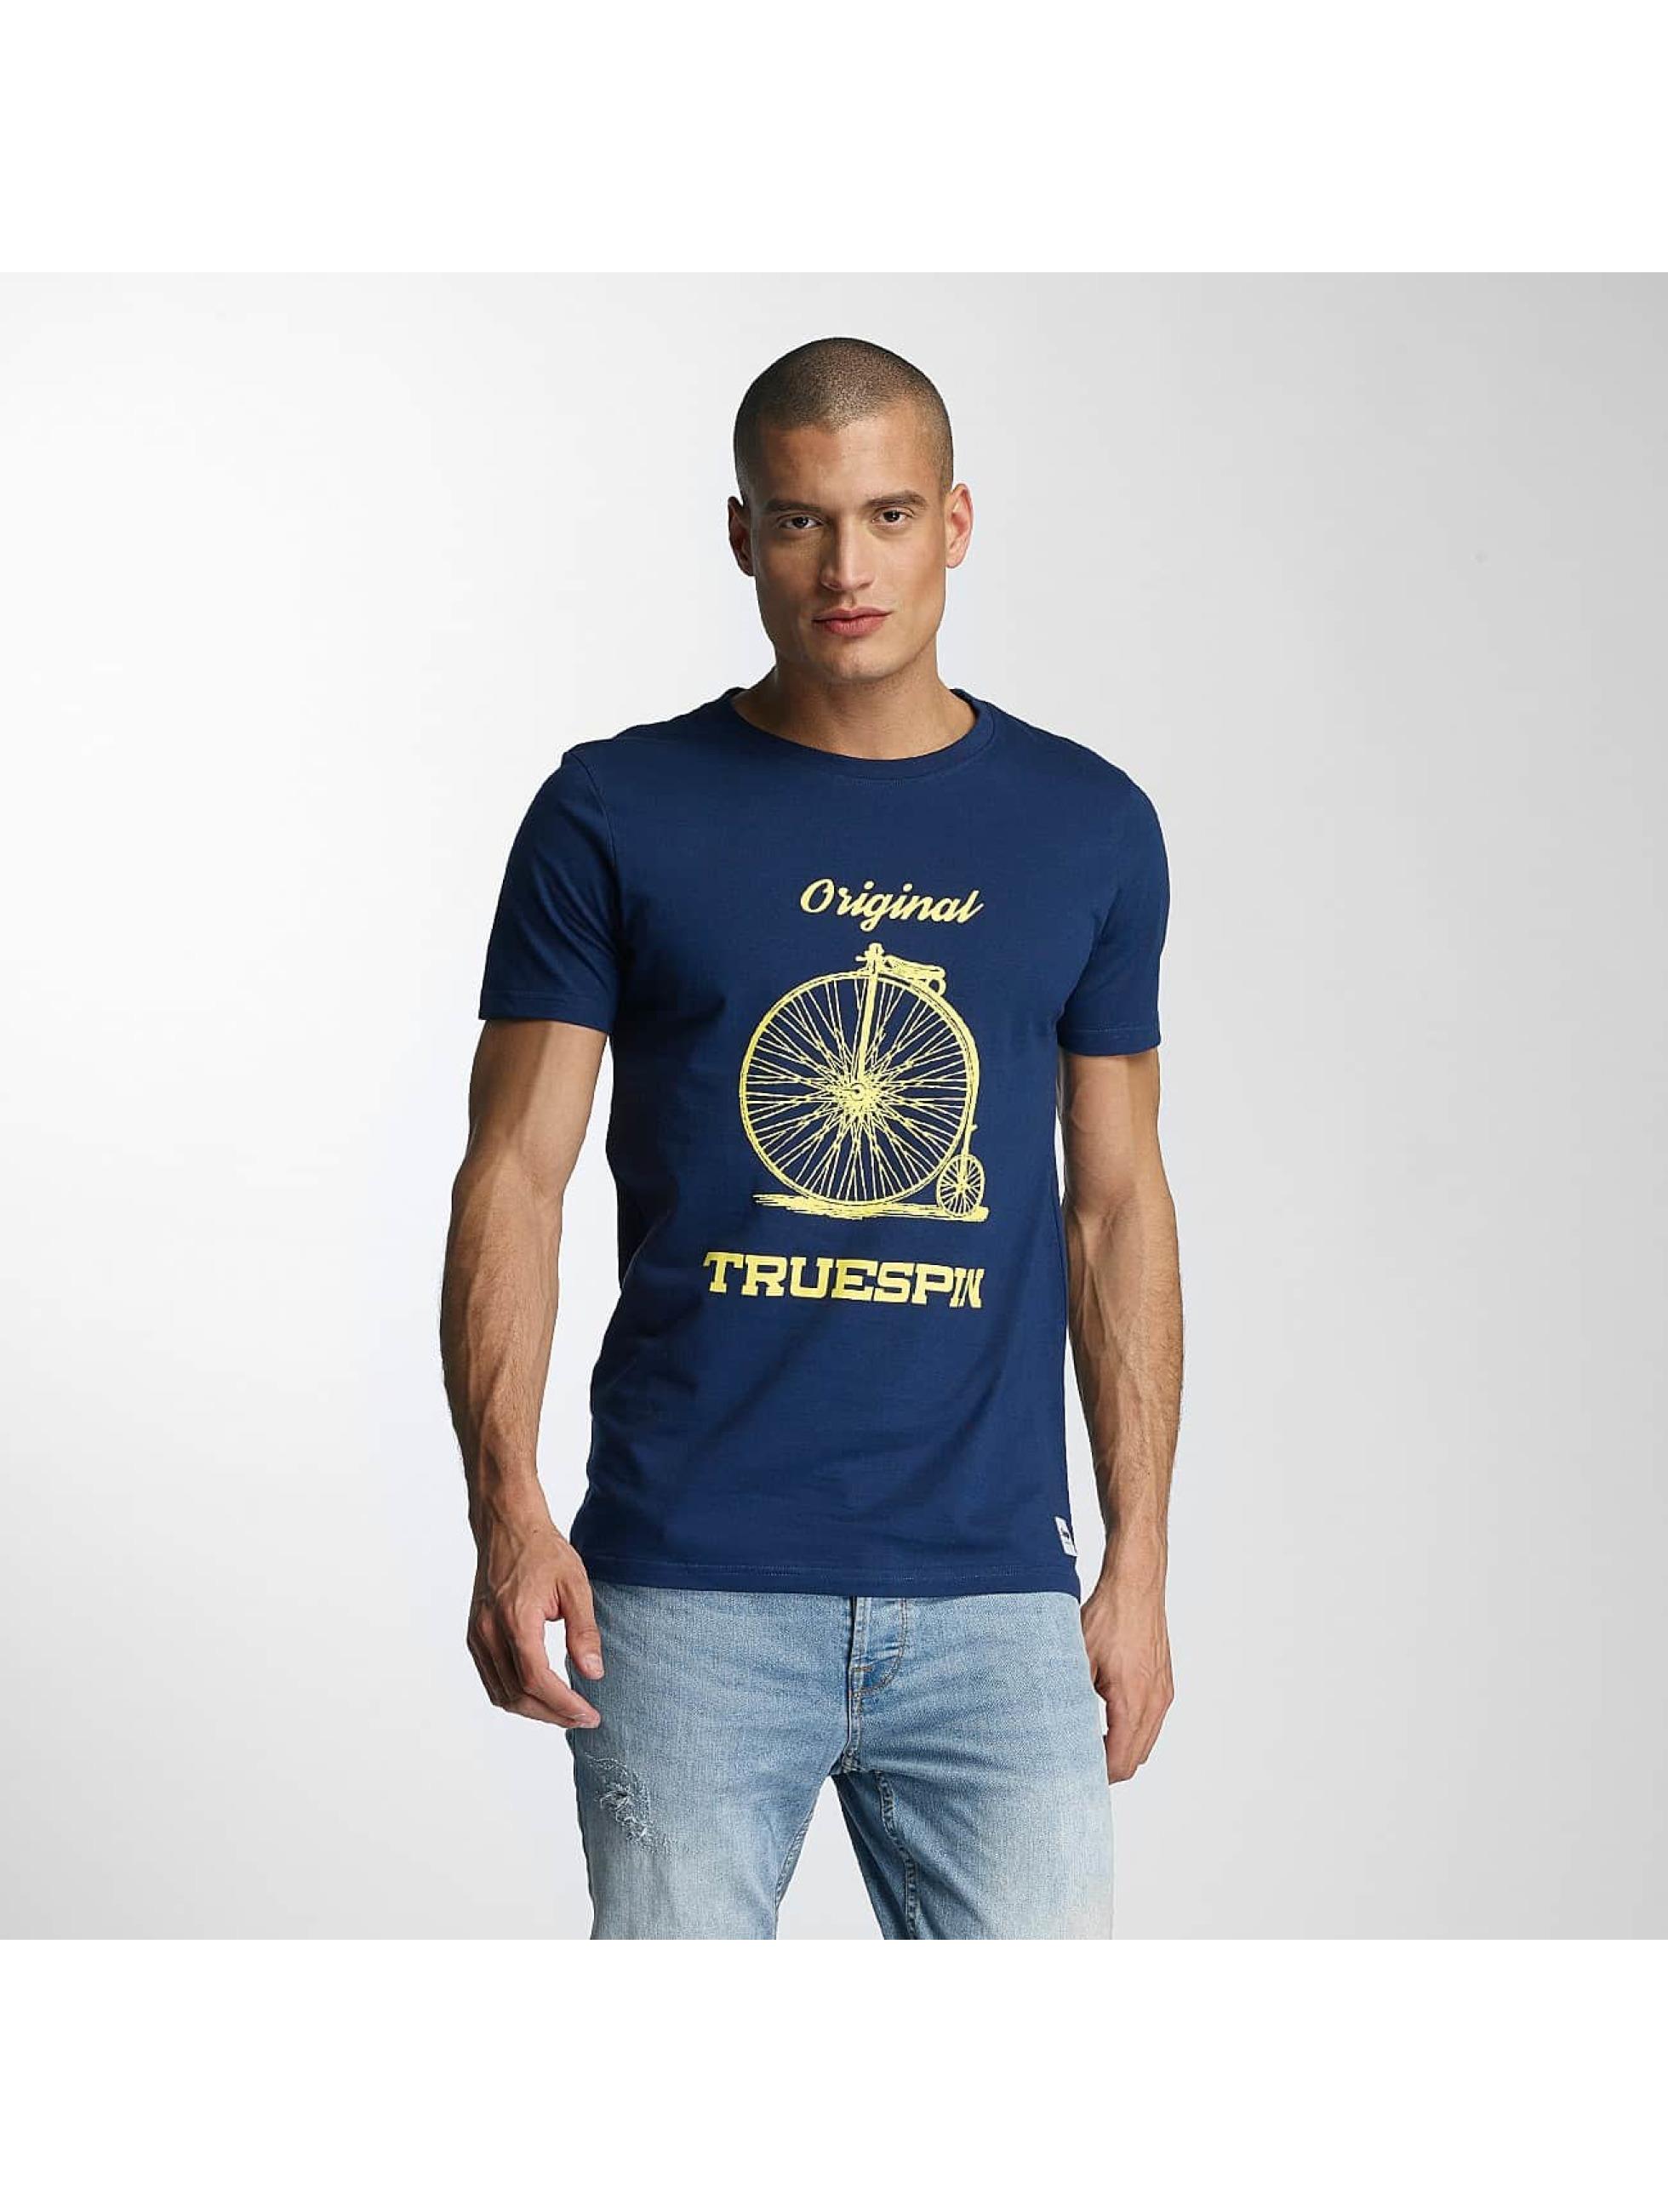 TrueSpin T-shirt 6 blu